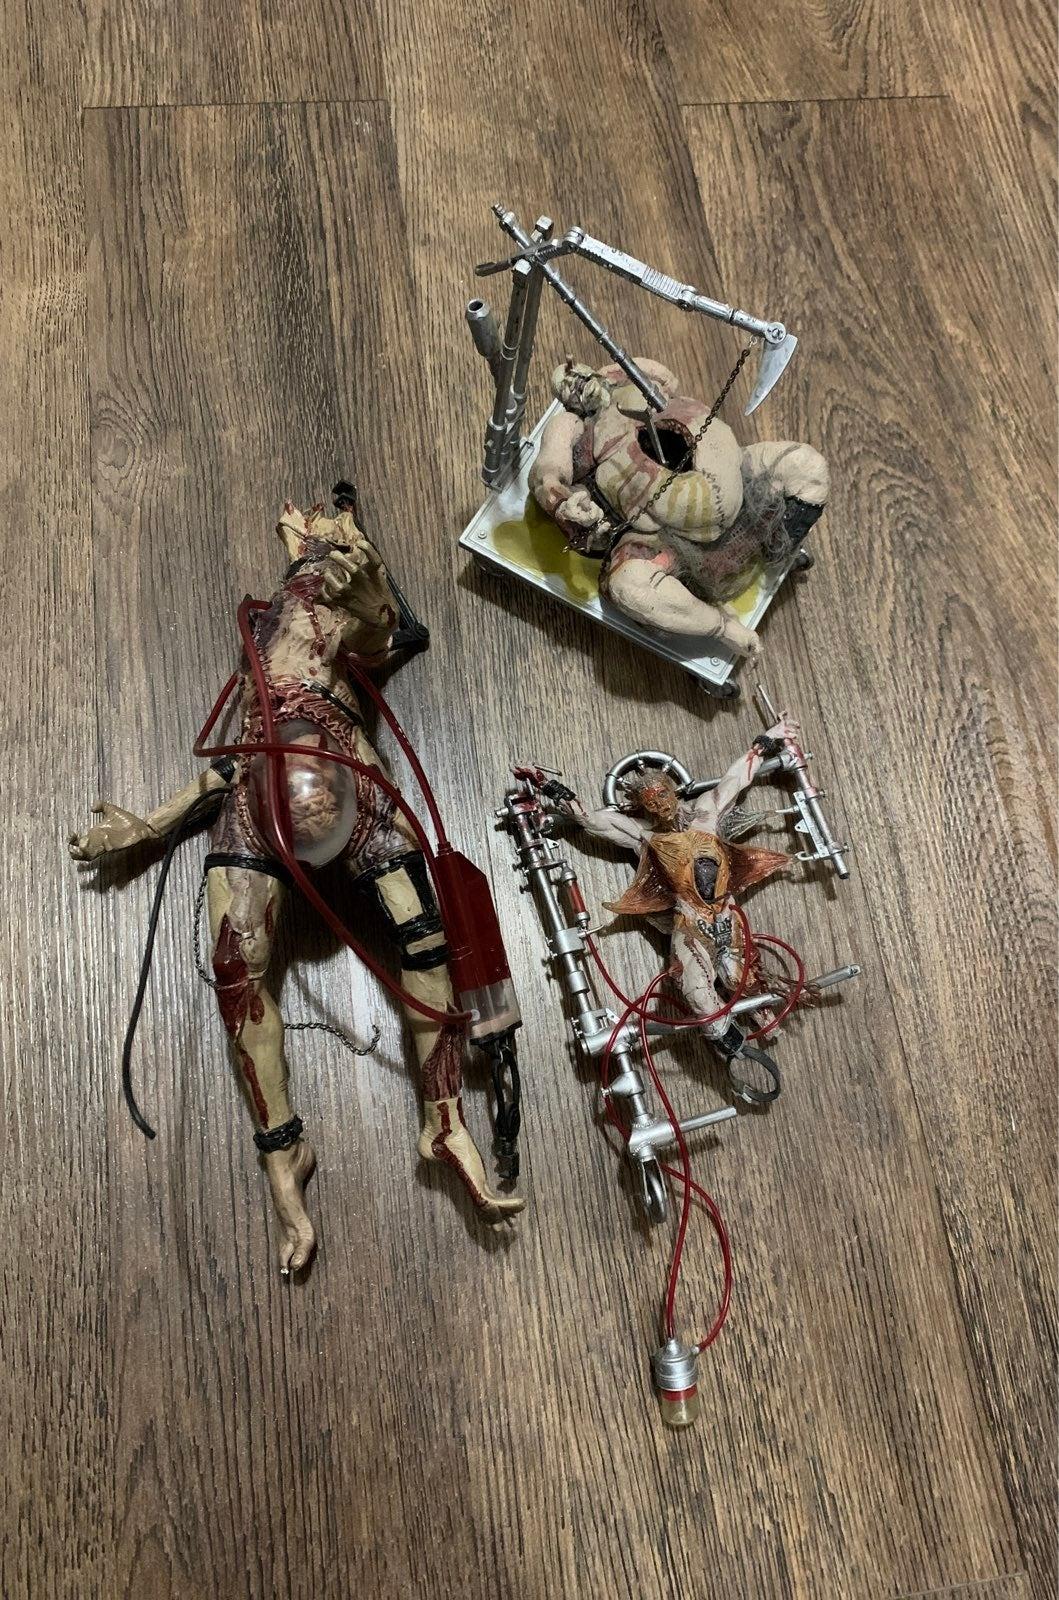 Tortured souls lot